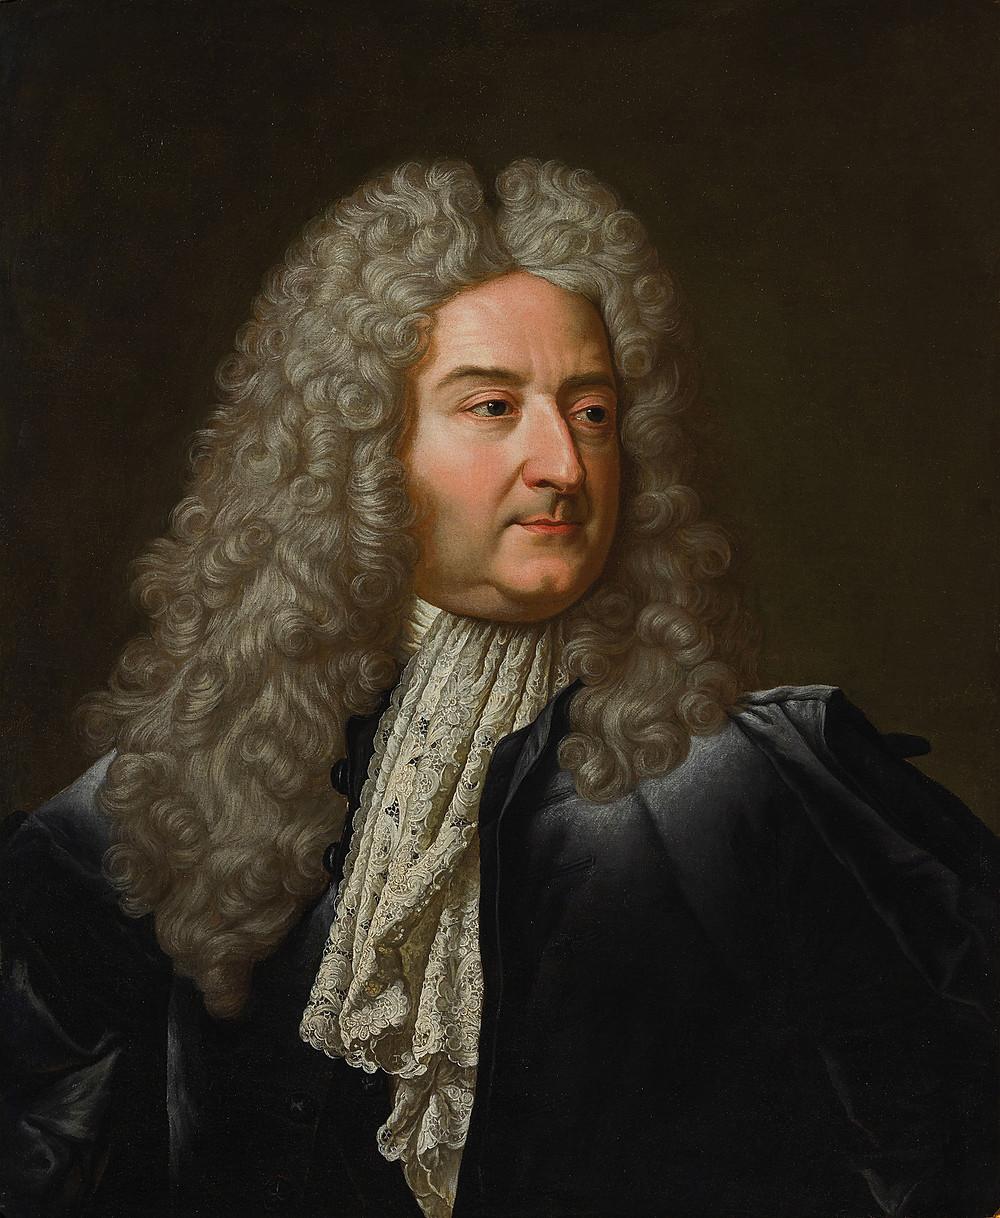 Anonyme d'aprèsHyacinthe Rigaud, Portrait de Michel Robert Le Peletier des Forts, après 1727,collection particulière